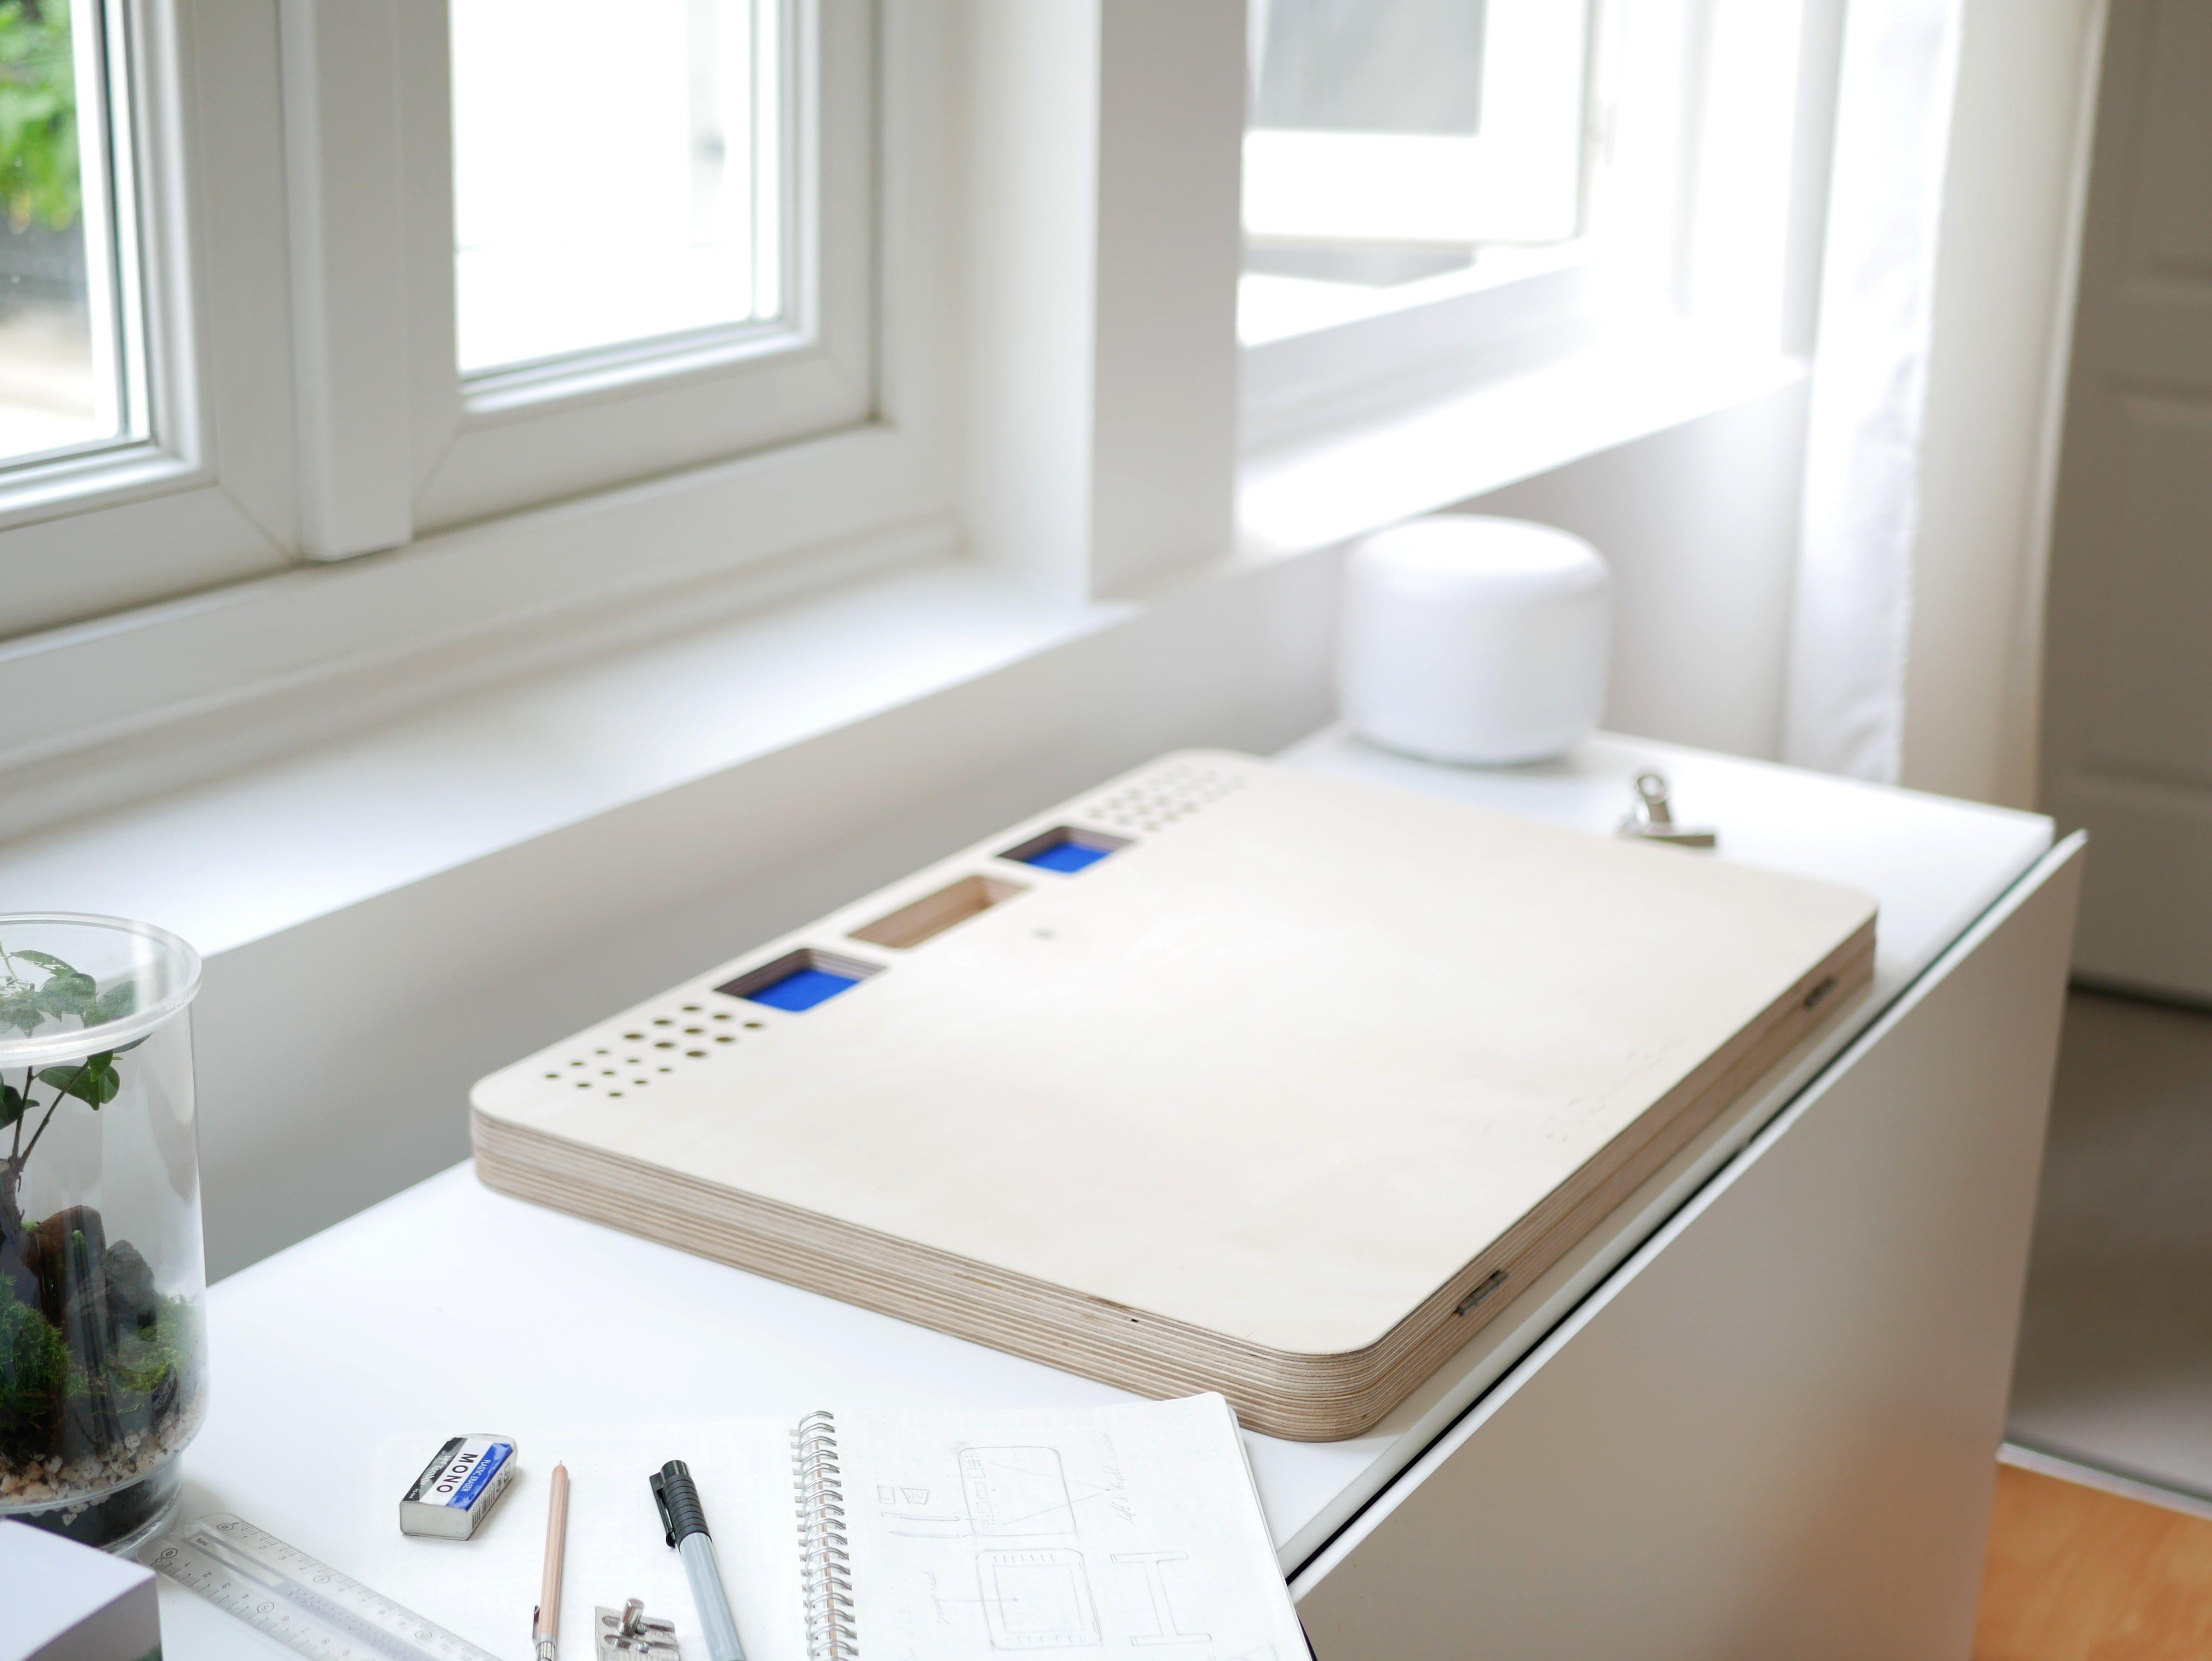 My drawing board la table à dessin par benjamin benais in 2018 diy